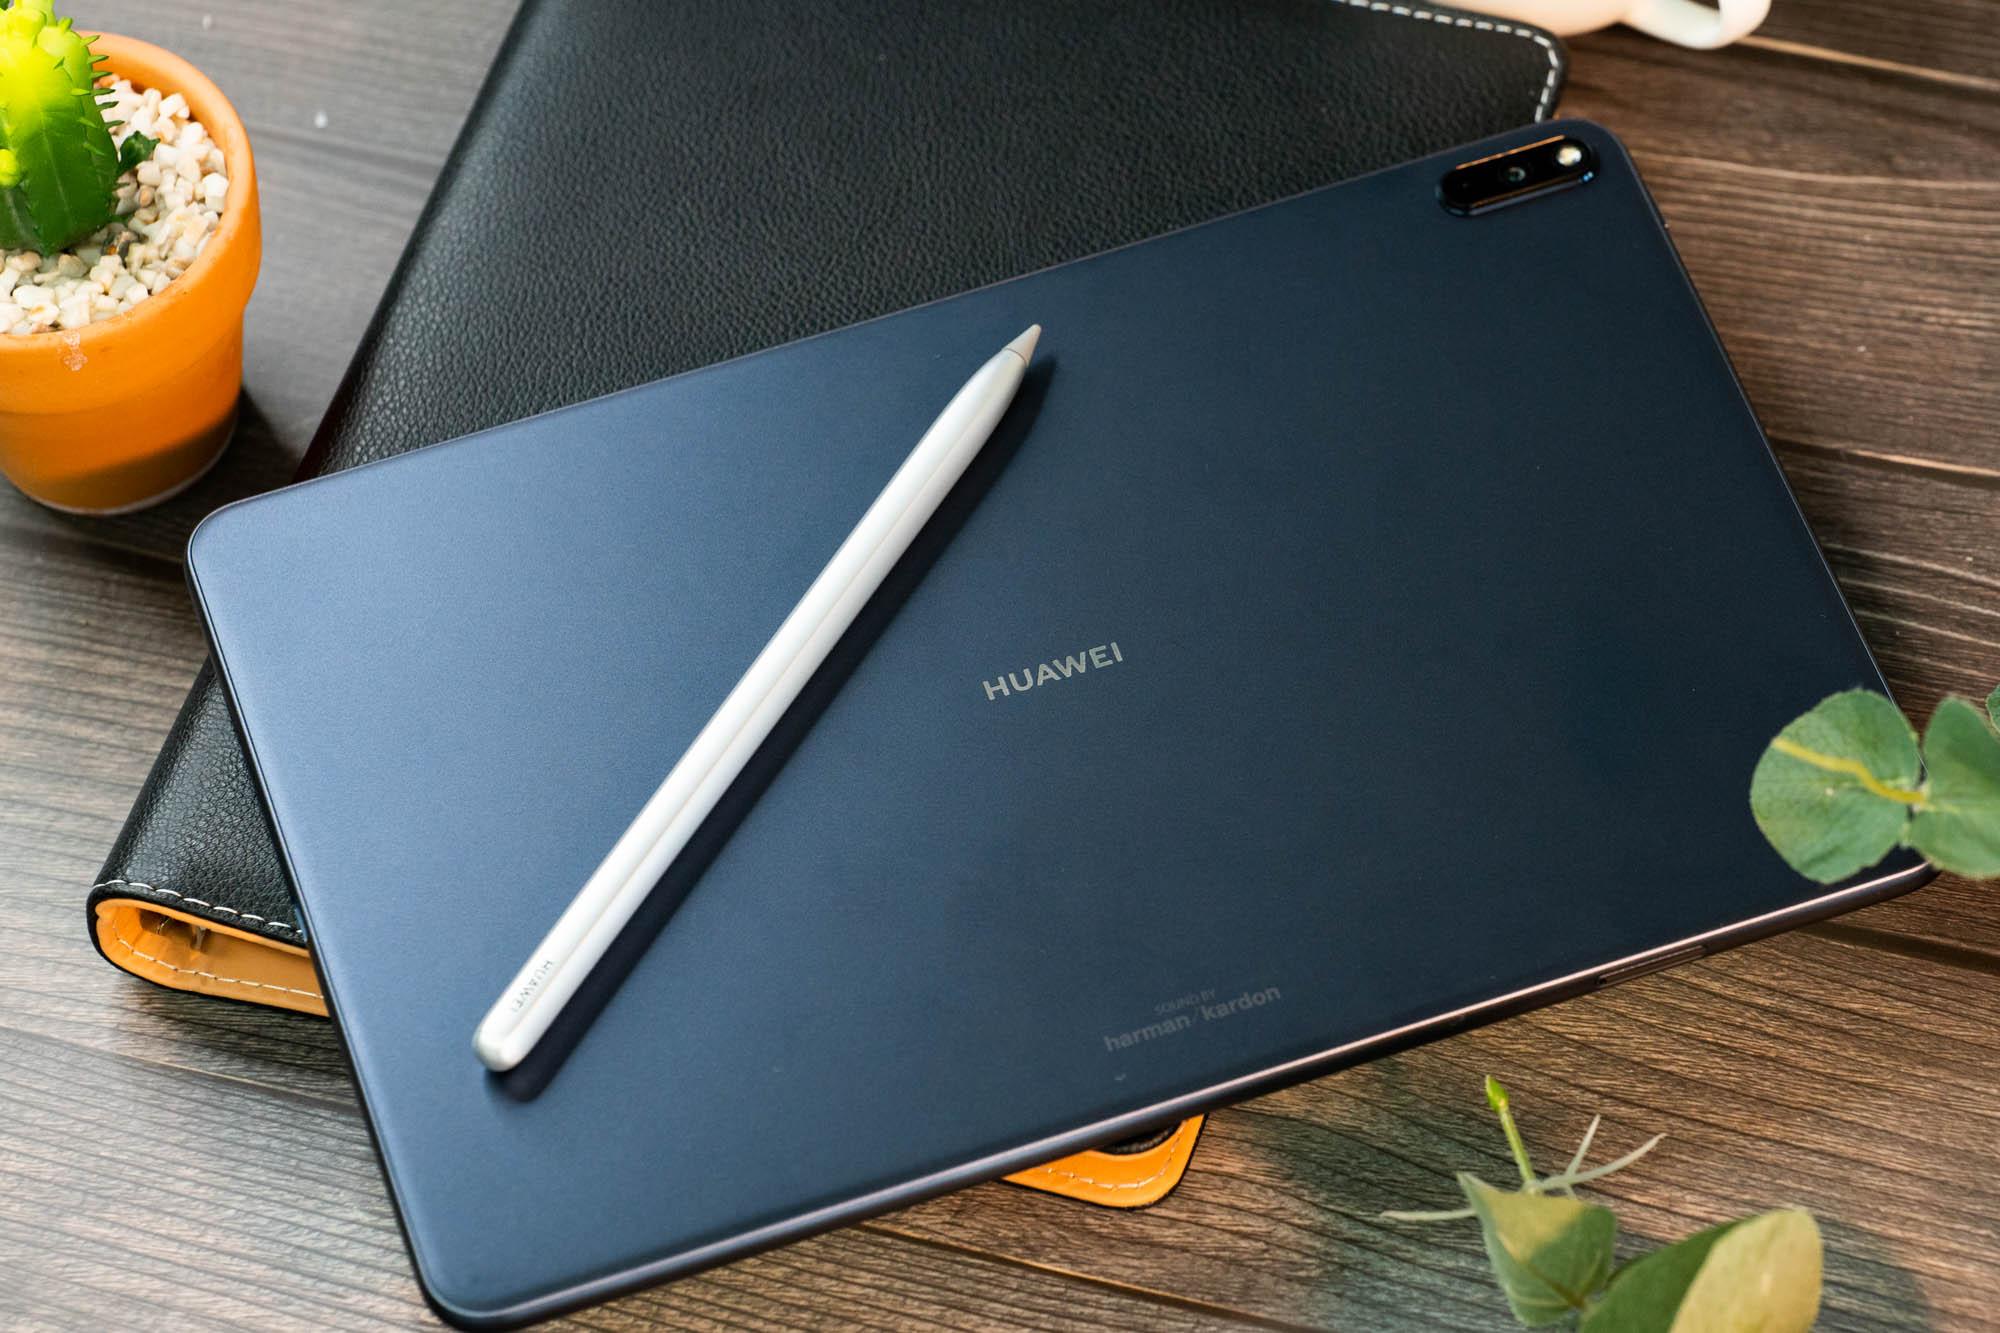 华为MatePad Pro开箱体验:最高屏占比平板的照片 - 3